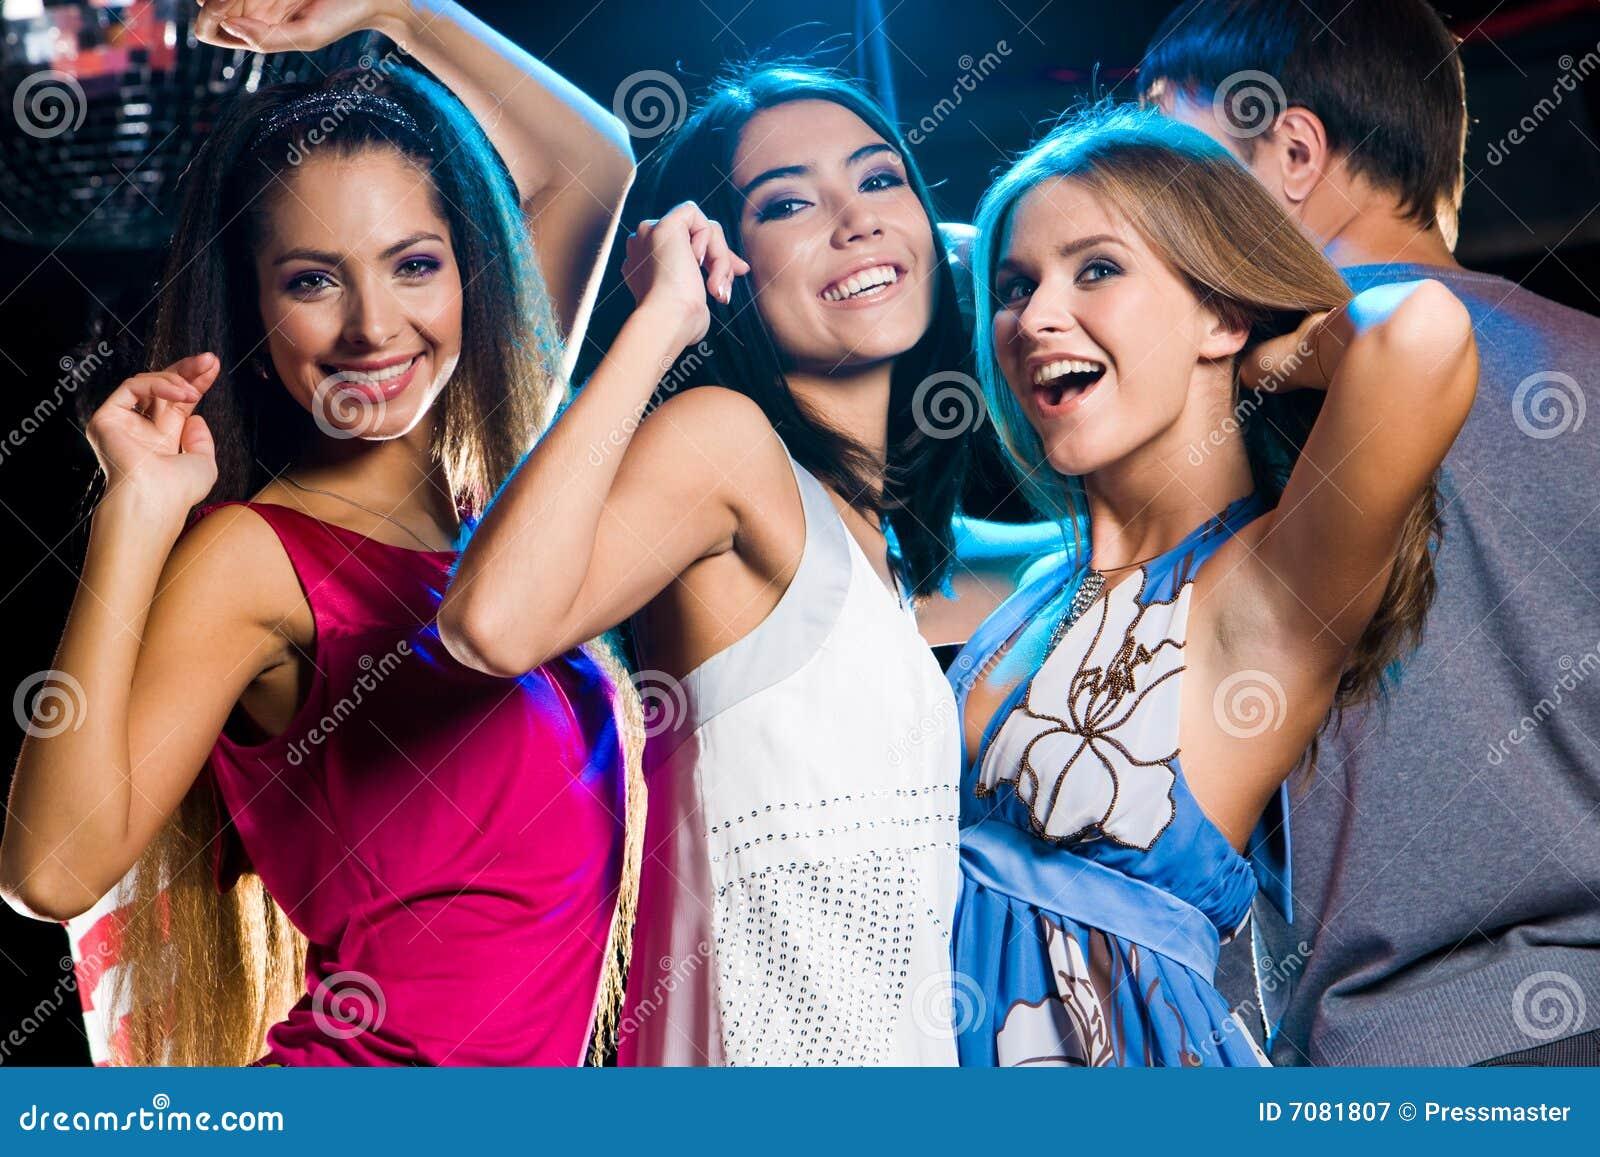 Русские жены в ночных клубах 6 фотография